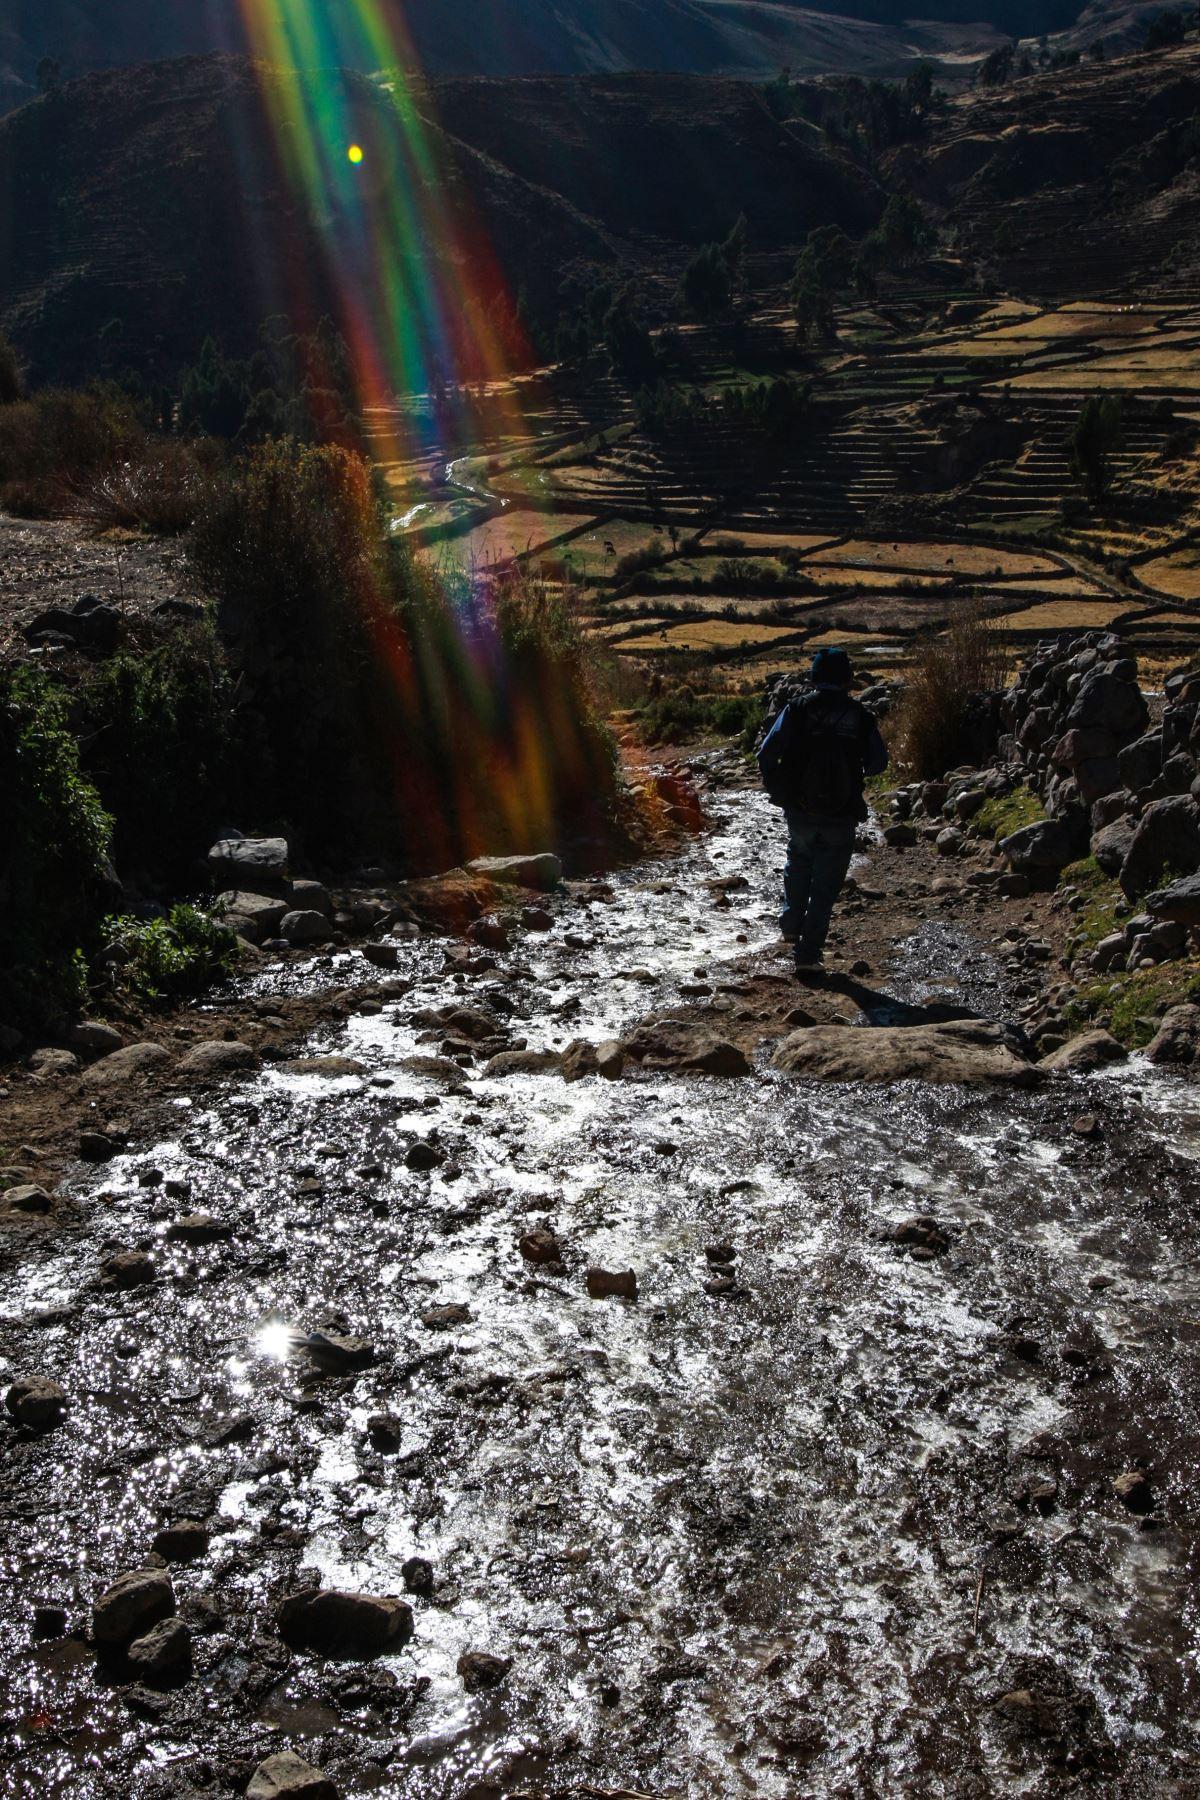 Desde tiempos ancestrales el mundo andino tuvo una relación especial con el agua. Sus lagos y ríos fueron considerados deidades y hasta hoy pervive esta tradición y se celebran fiestas en honor a estas fuentes. Foto: ANDINA/Carlos Lezama